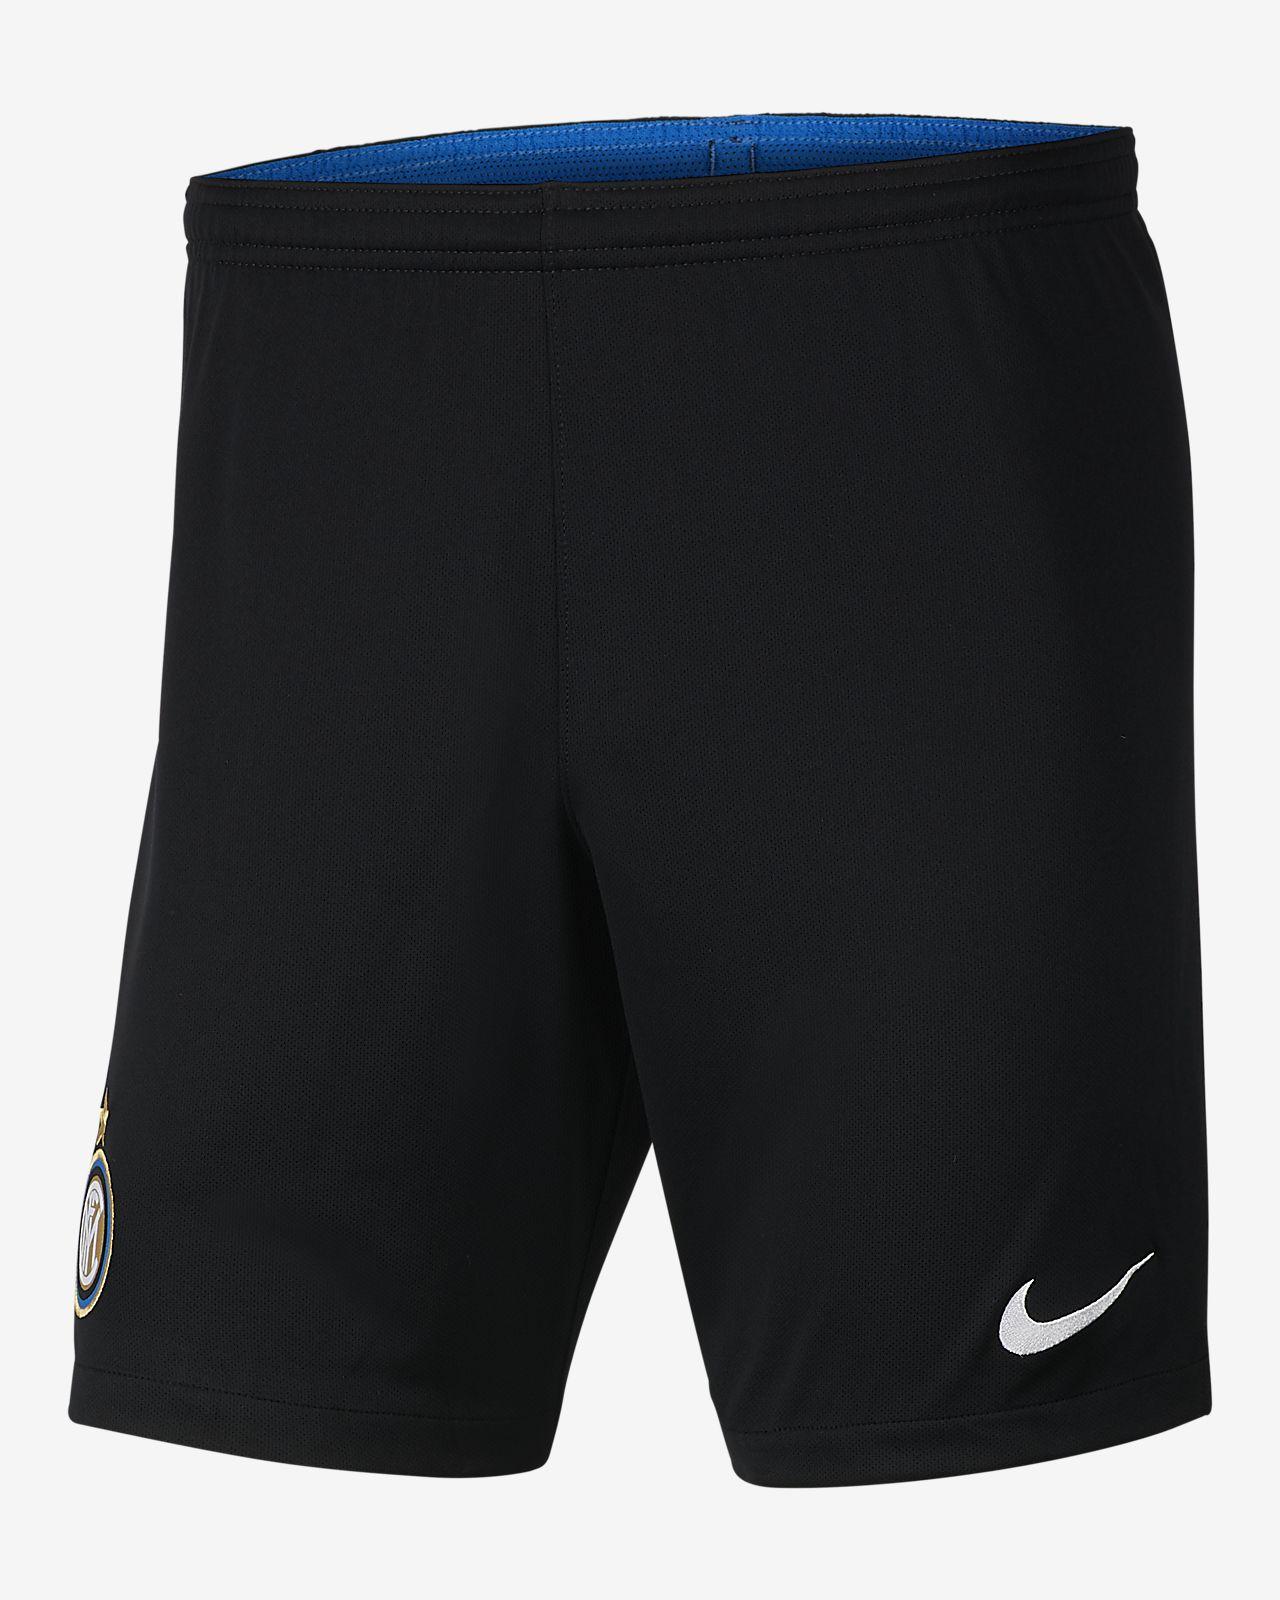 Inter Milan 2019/20 Stadium Home/Away Pantalons curts de futbol - Home